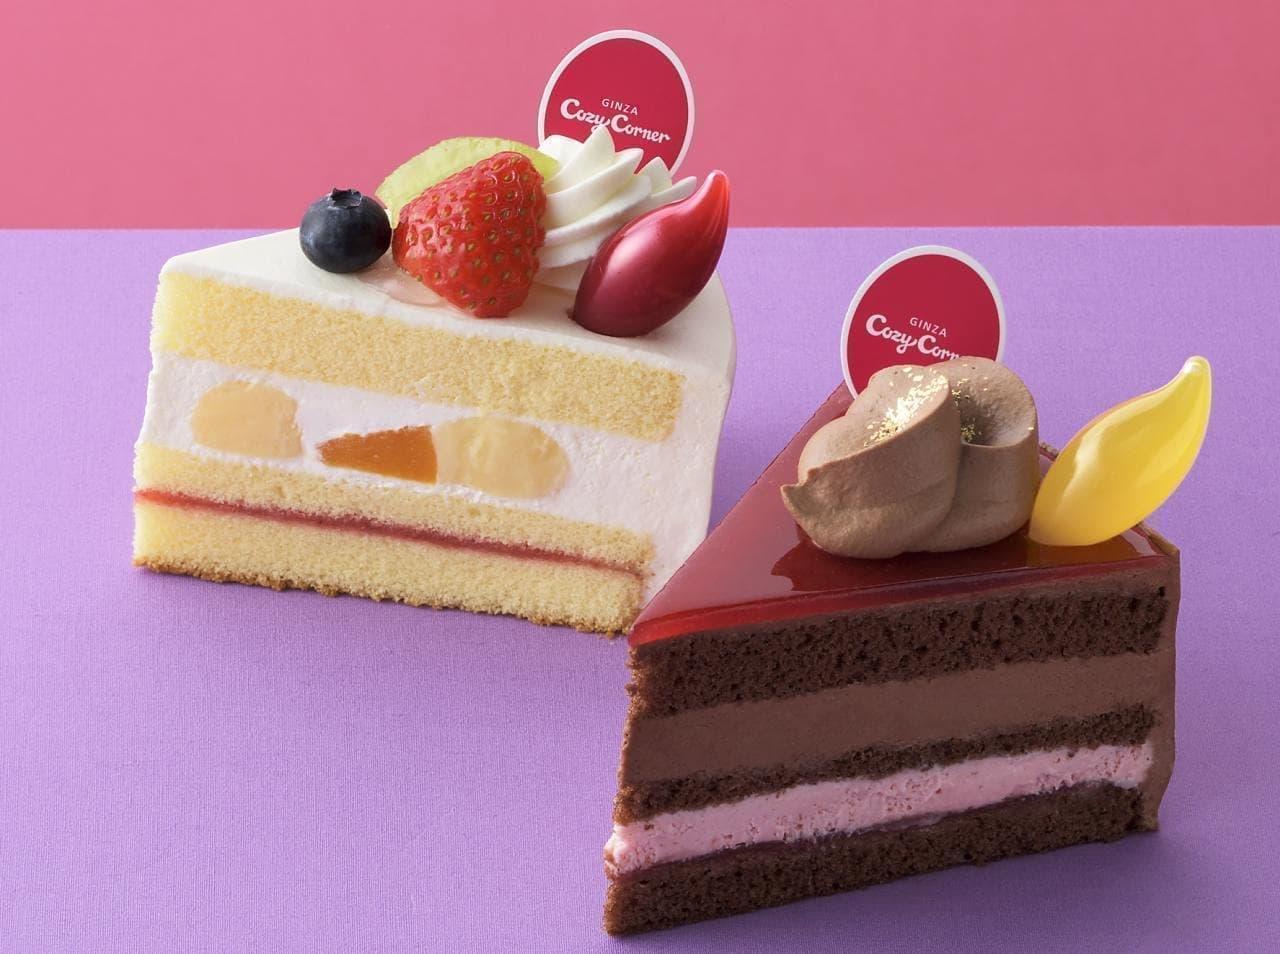 銀座コージーコーナー「ストロベリーマジック」のケーキ